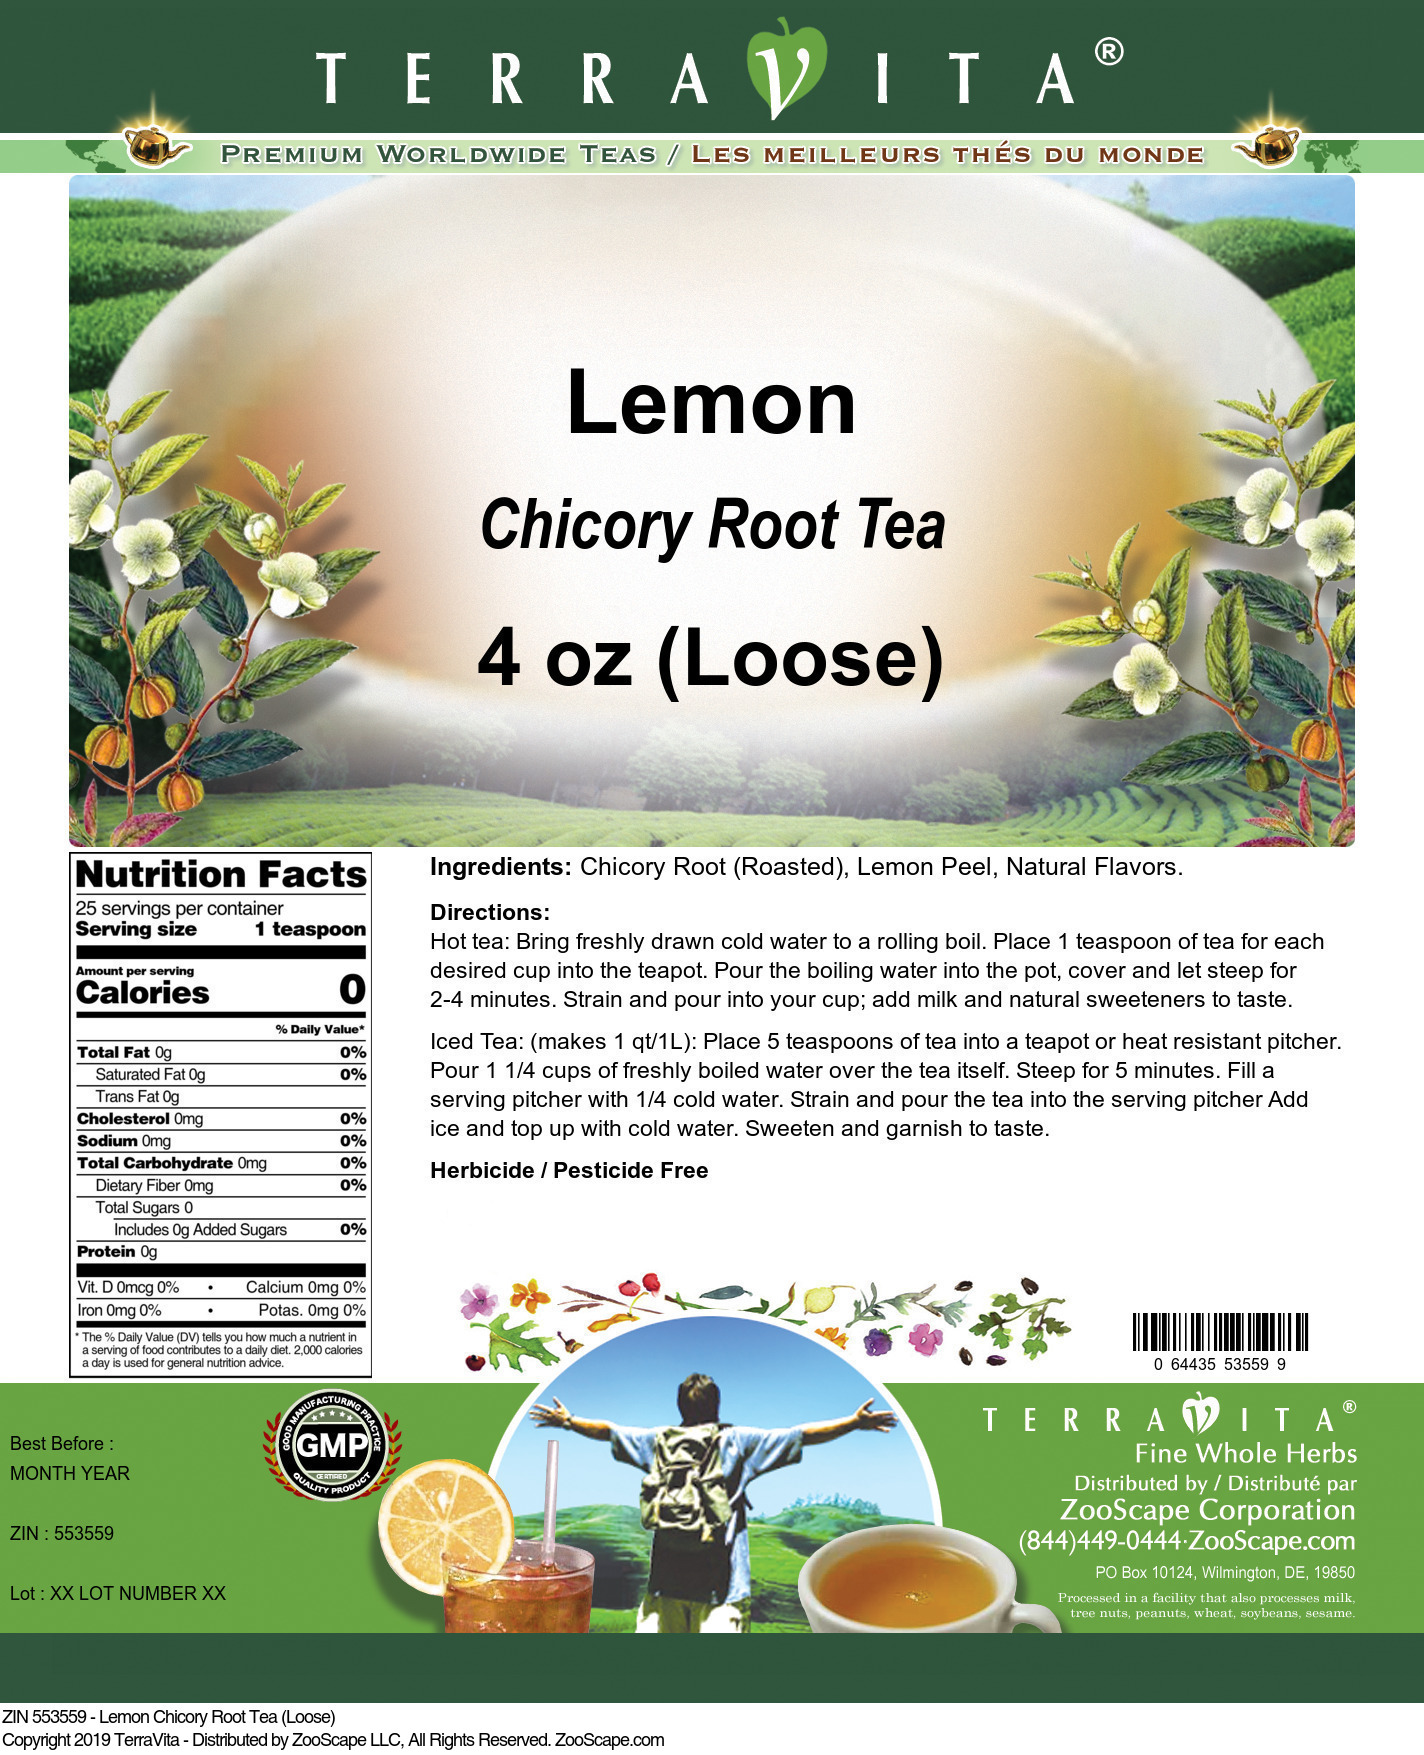 Lemon Chicory Root Tea (Loose)